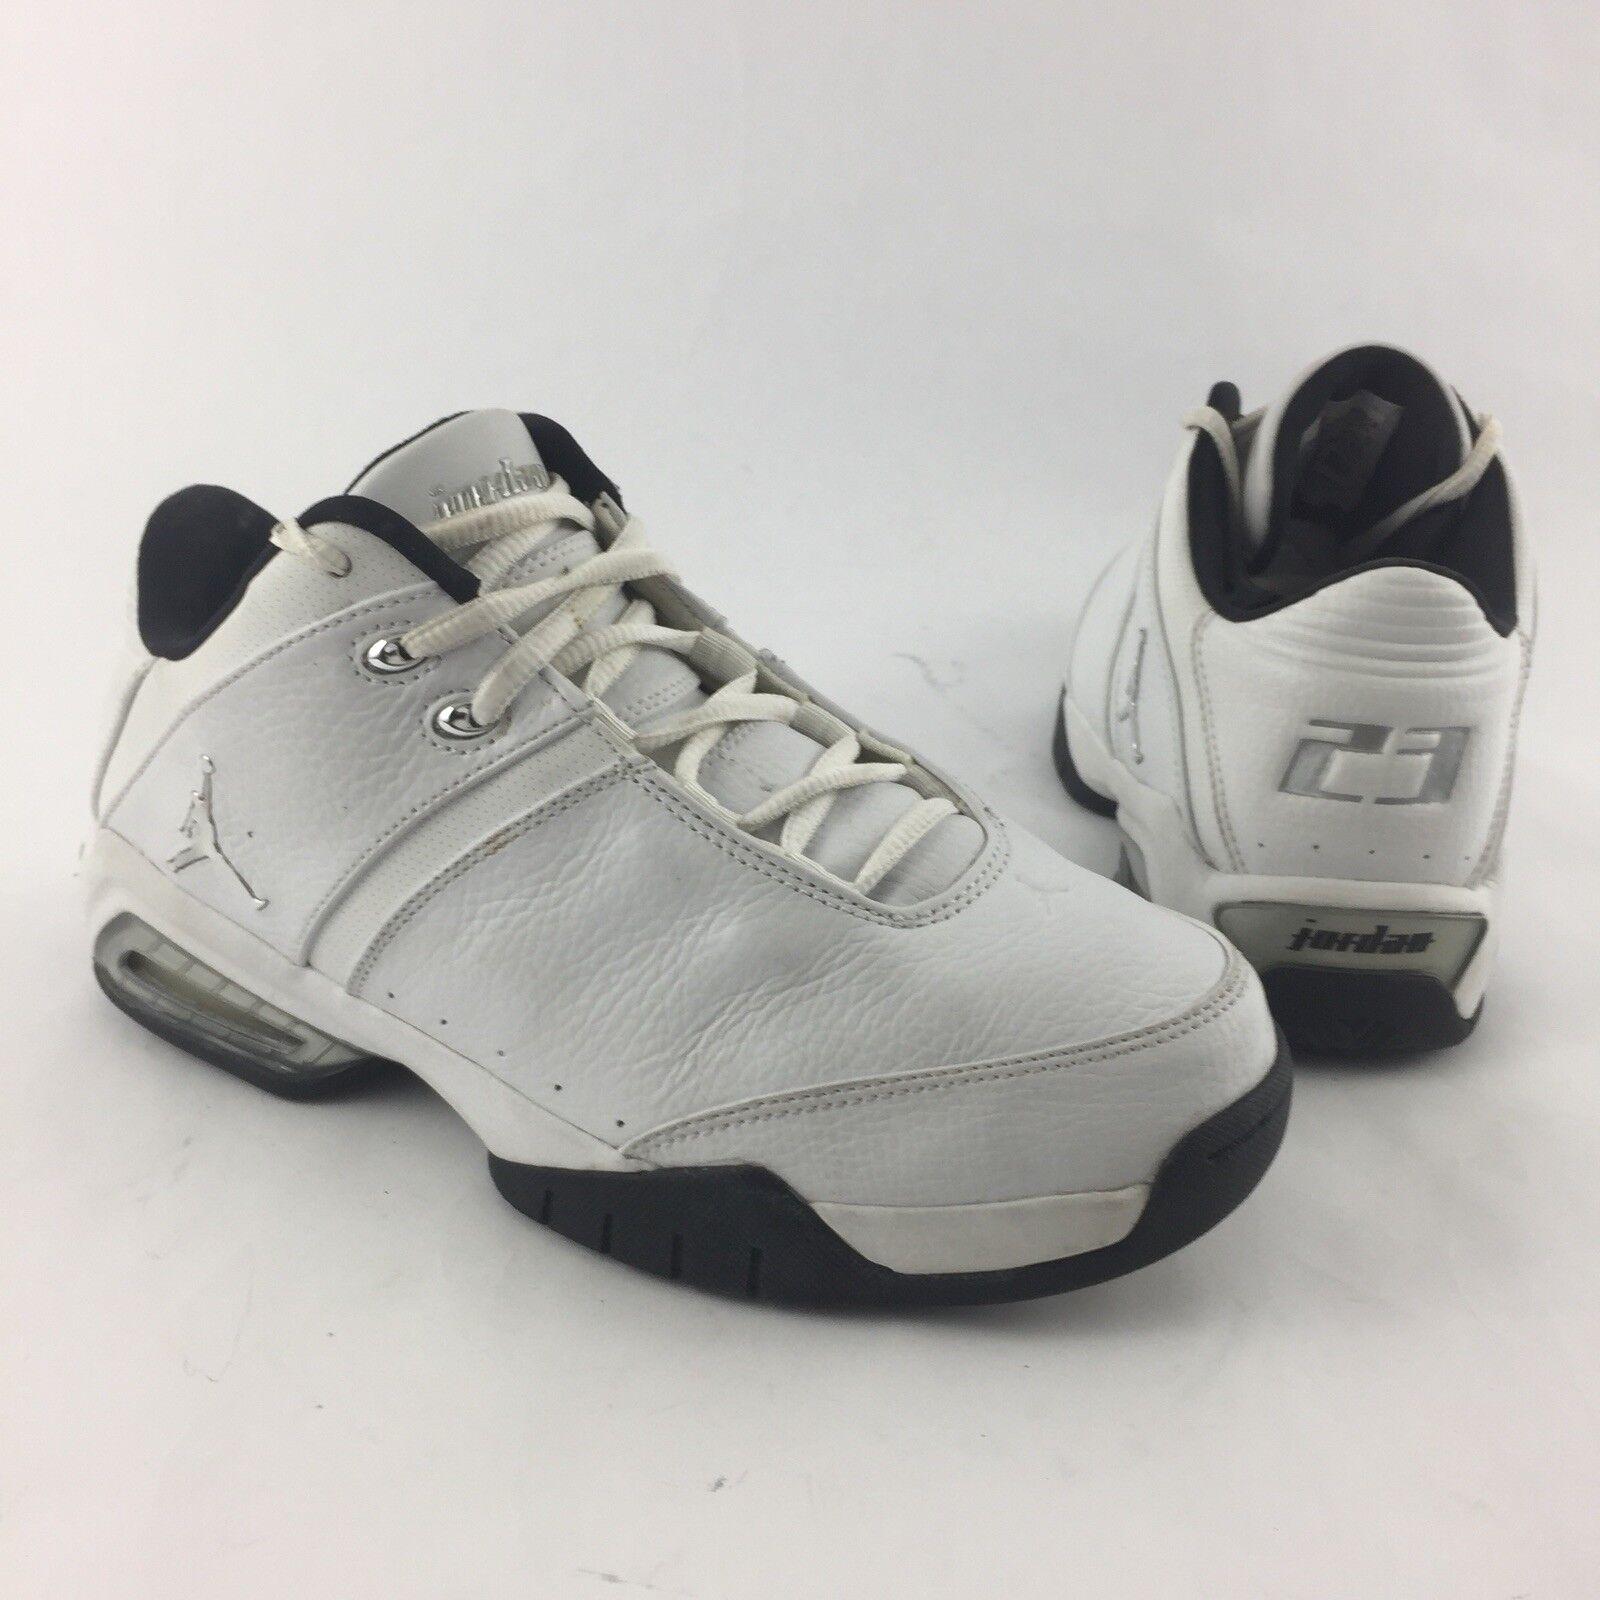 DC Pure 300660 Shoes - - Men's Size 10.5 - Shoes Black 723f02